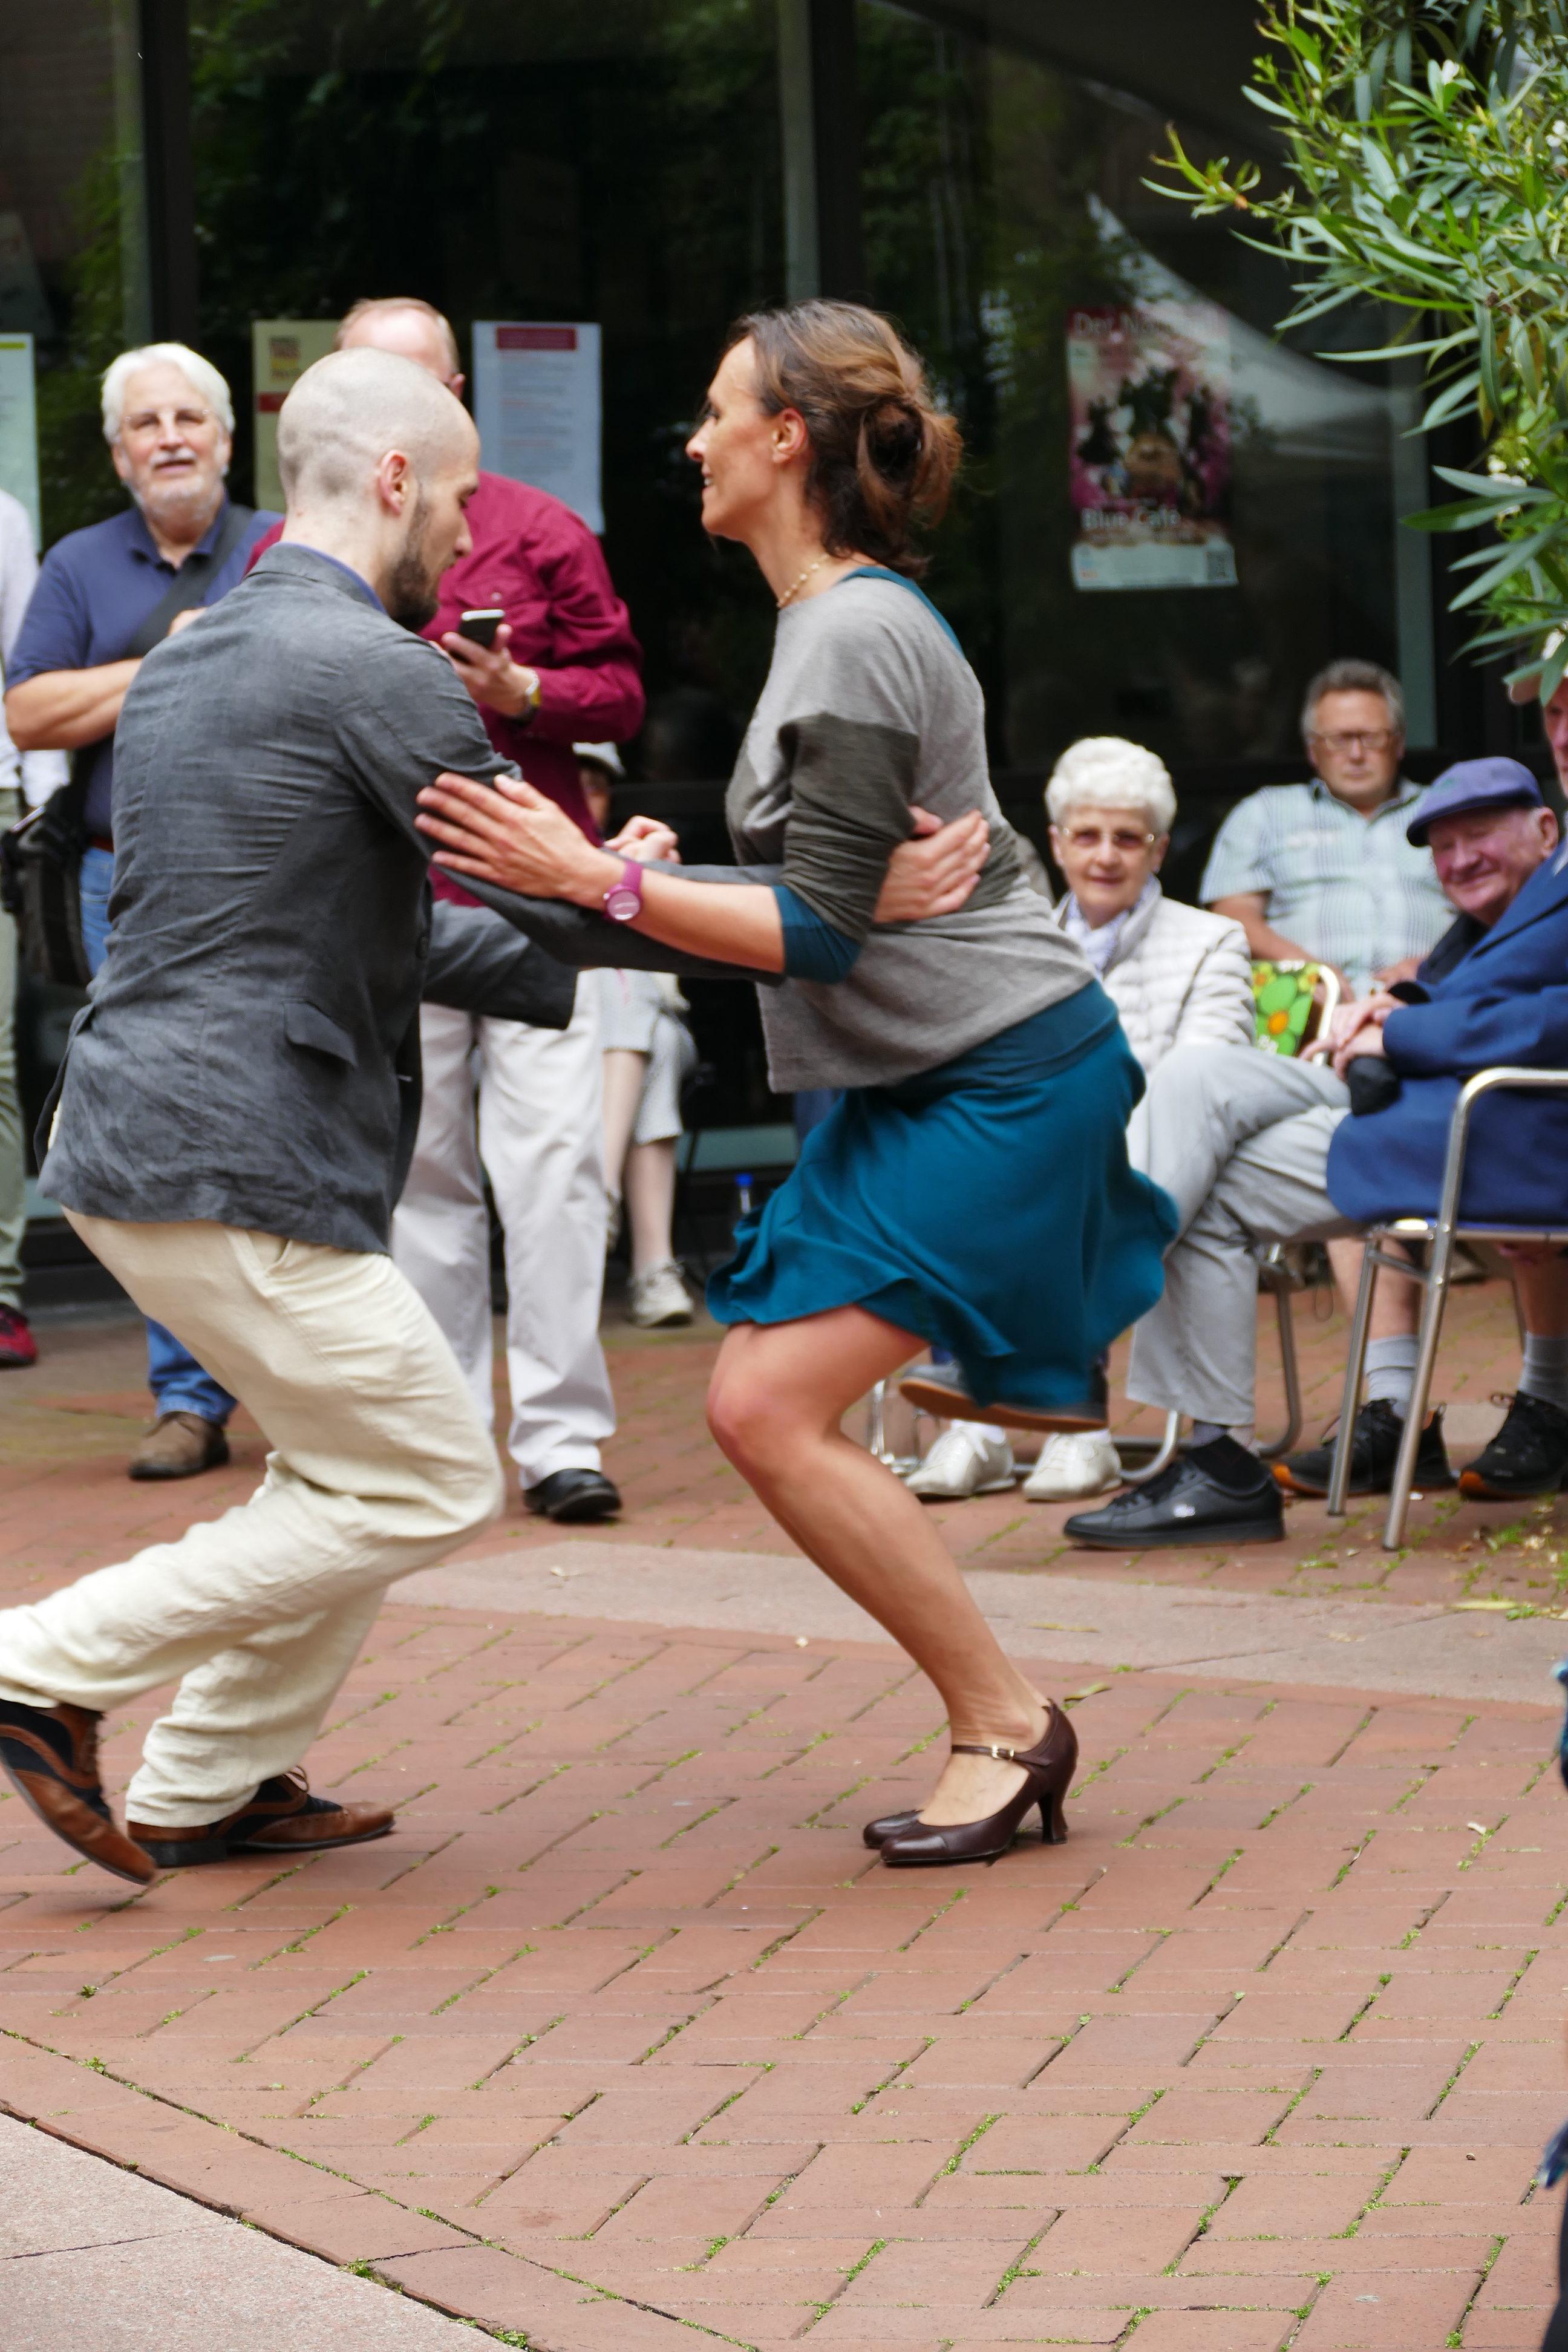 Tanz neben der Bühne